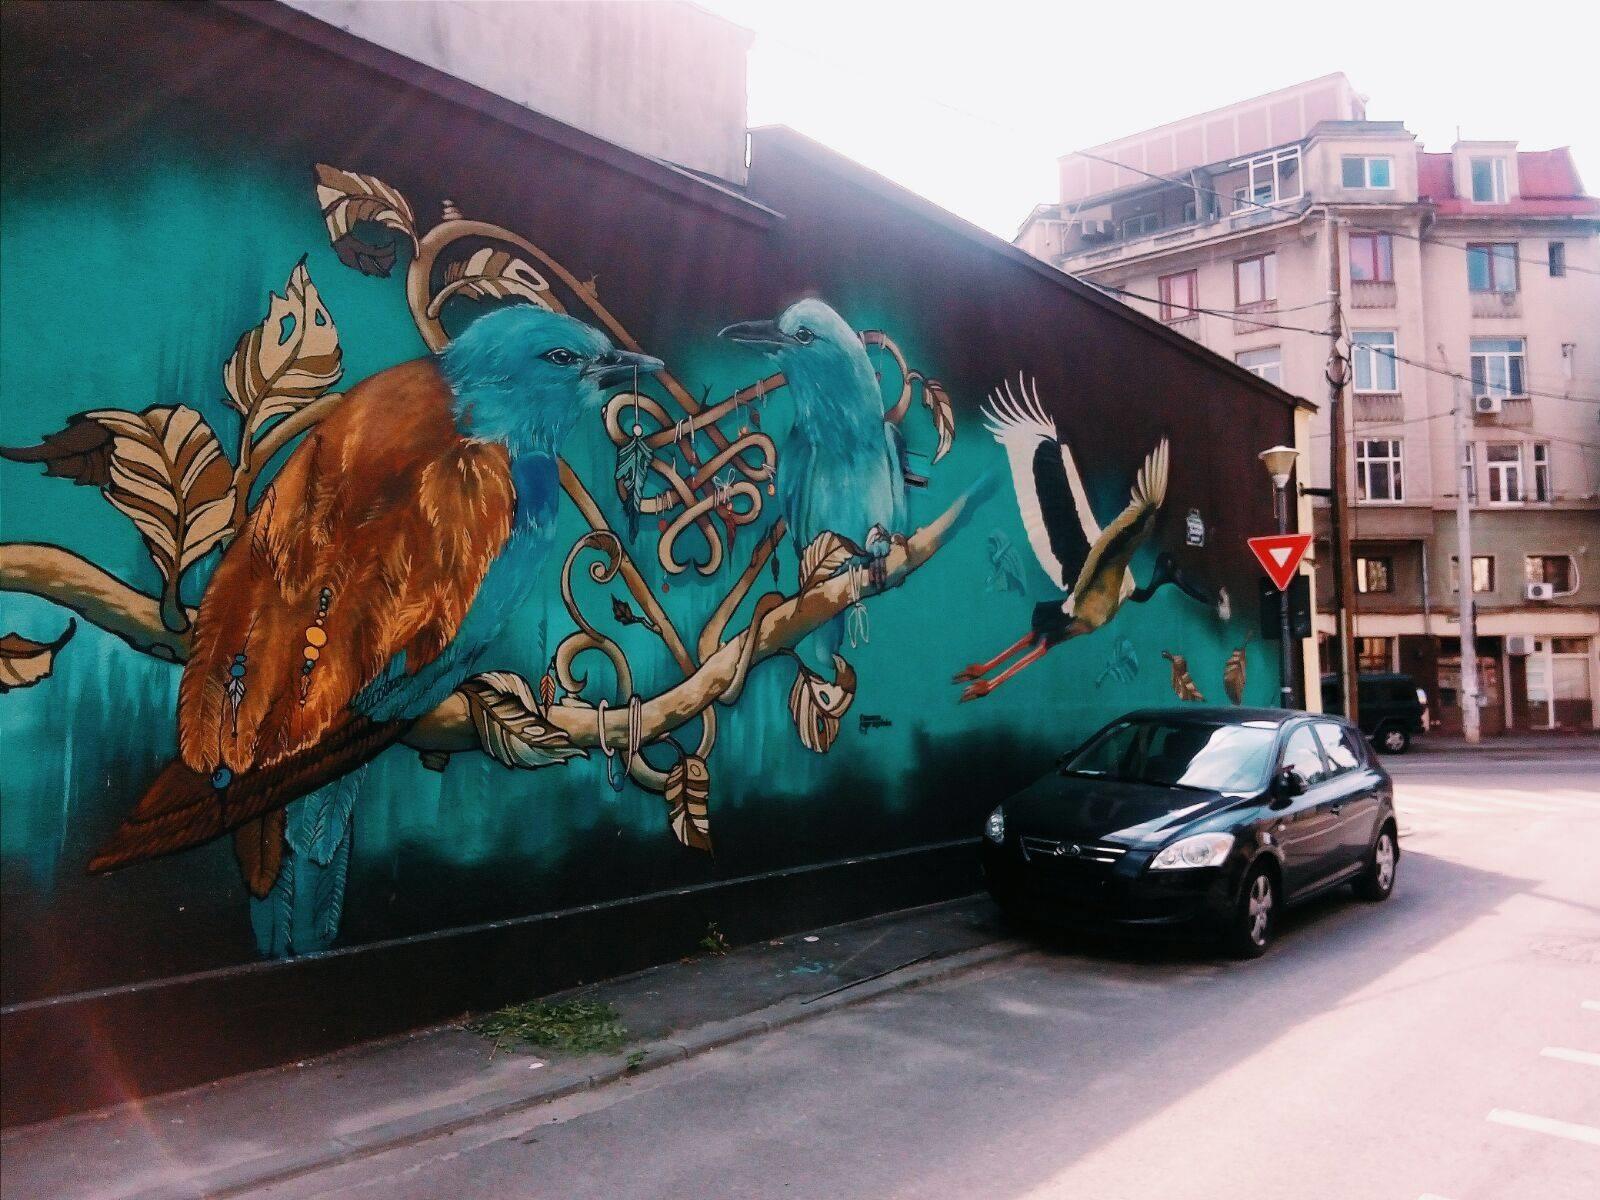 Be youSelfie prin București – vernisajul expoziției de fotografie urbană  realizată de liceeni la Facultatea de Științe Politice a Universității din București